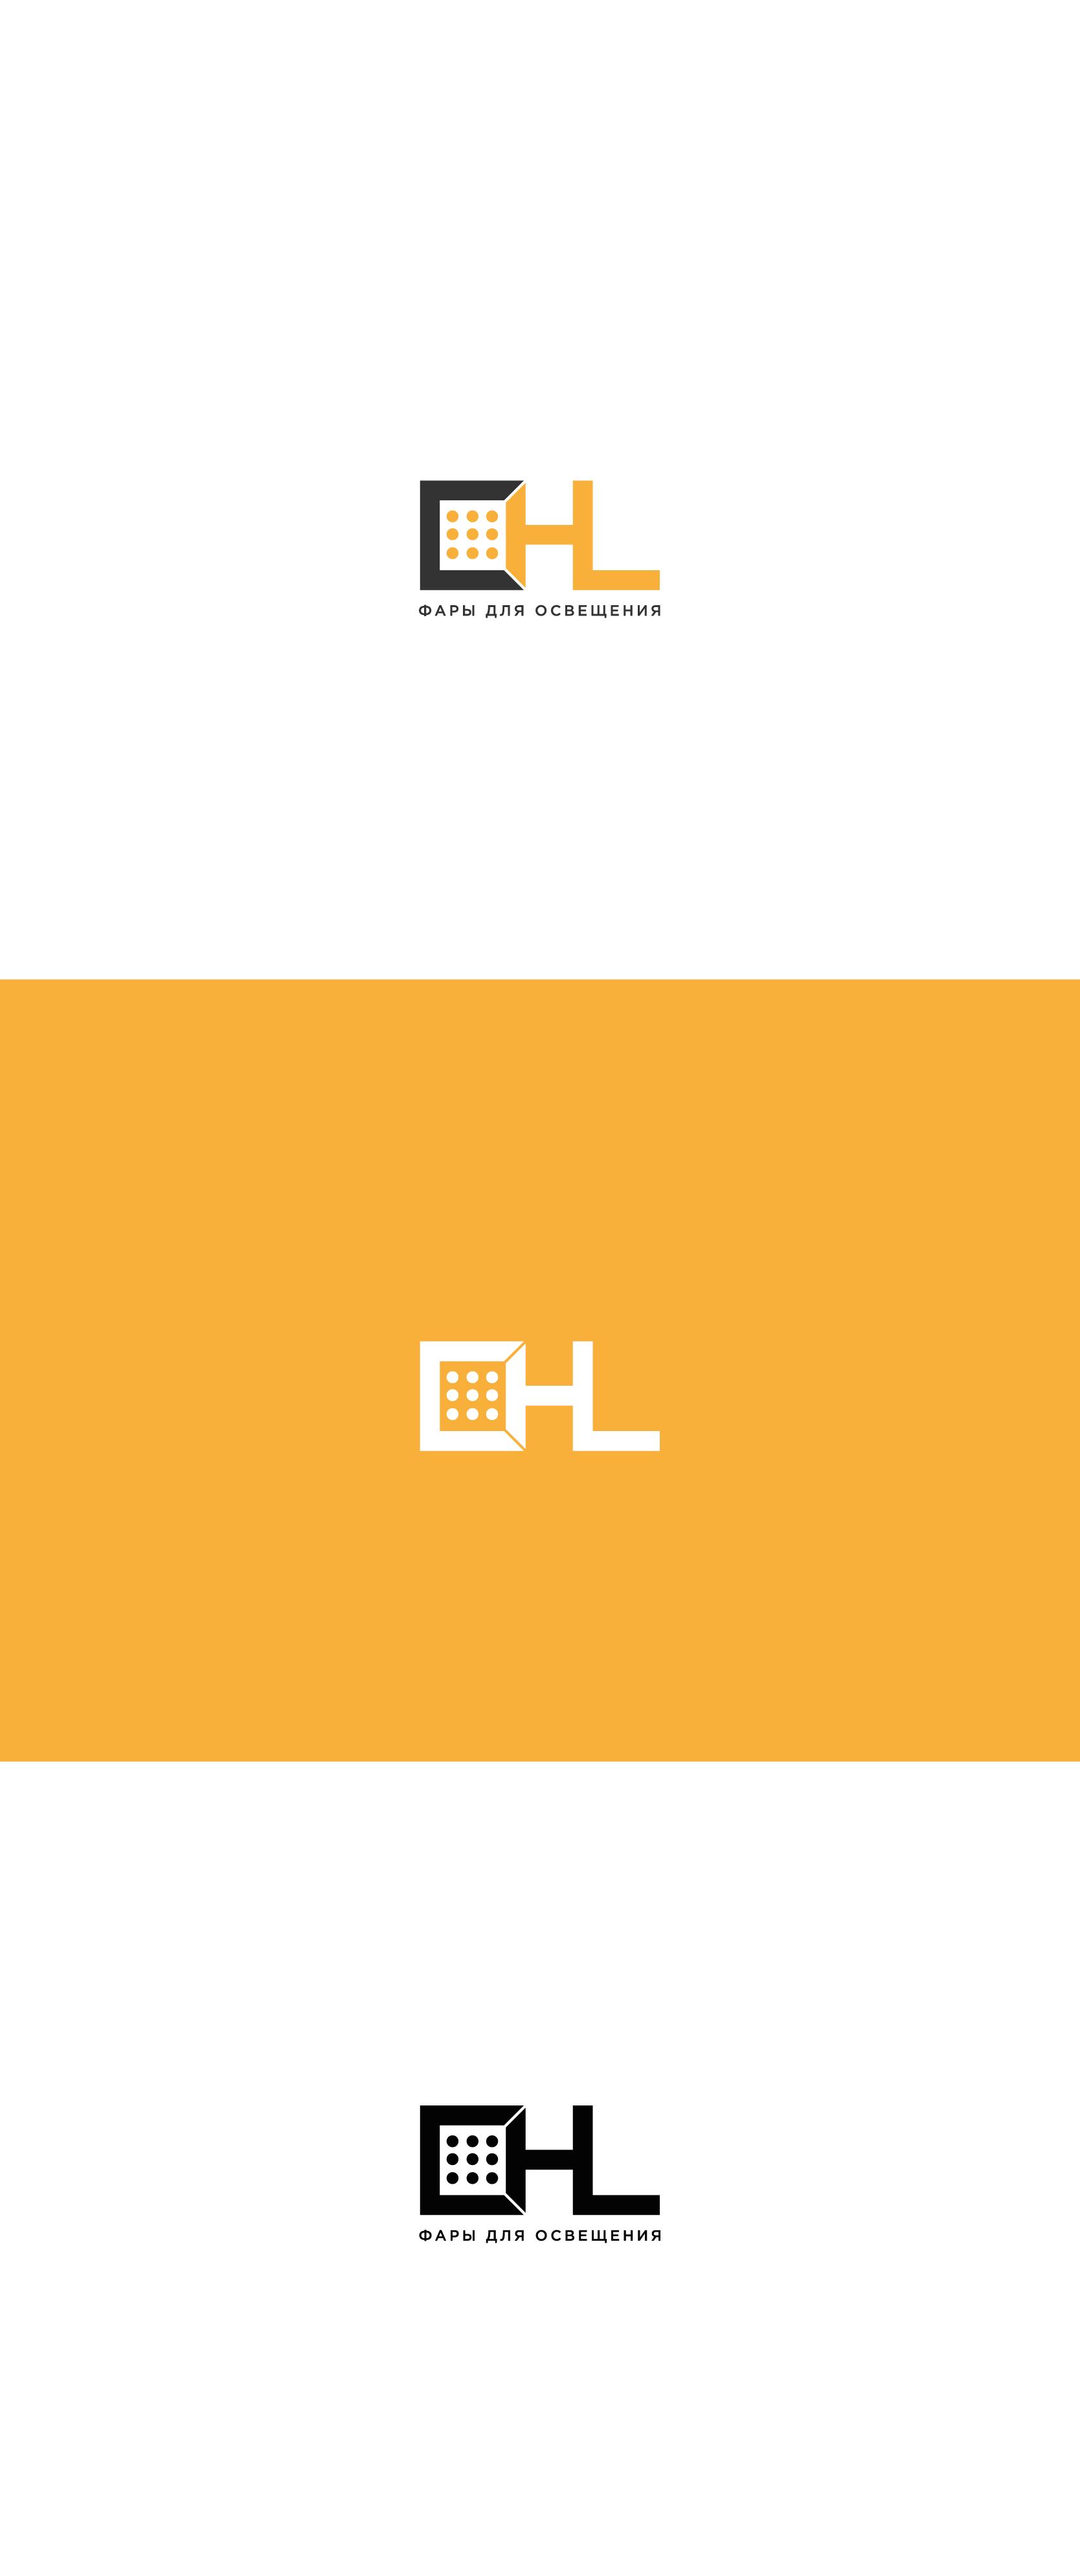 разработка логотипа для производителя фар фото f_8585f5b8e7dc09c0.png